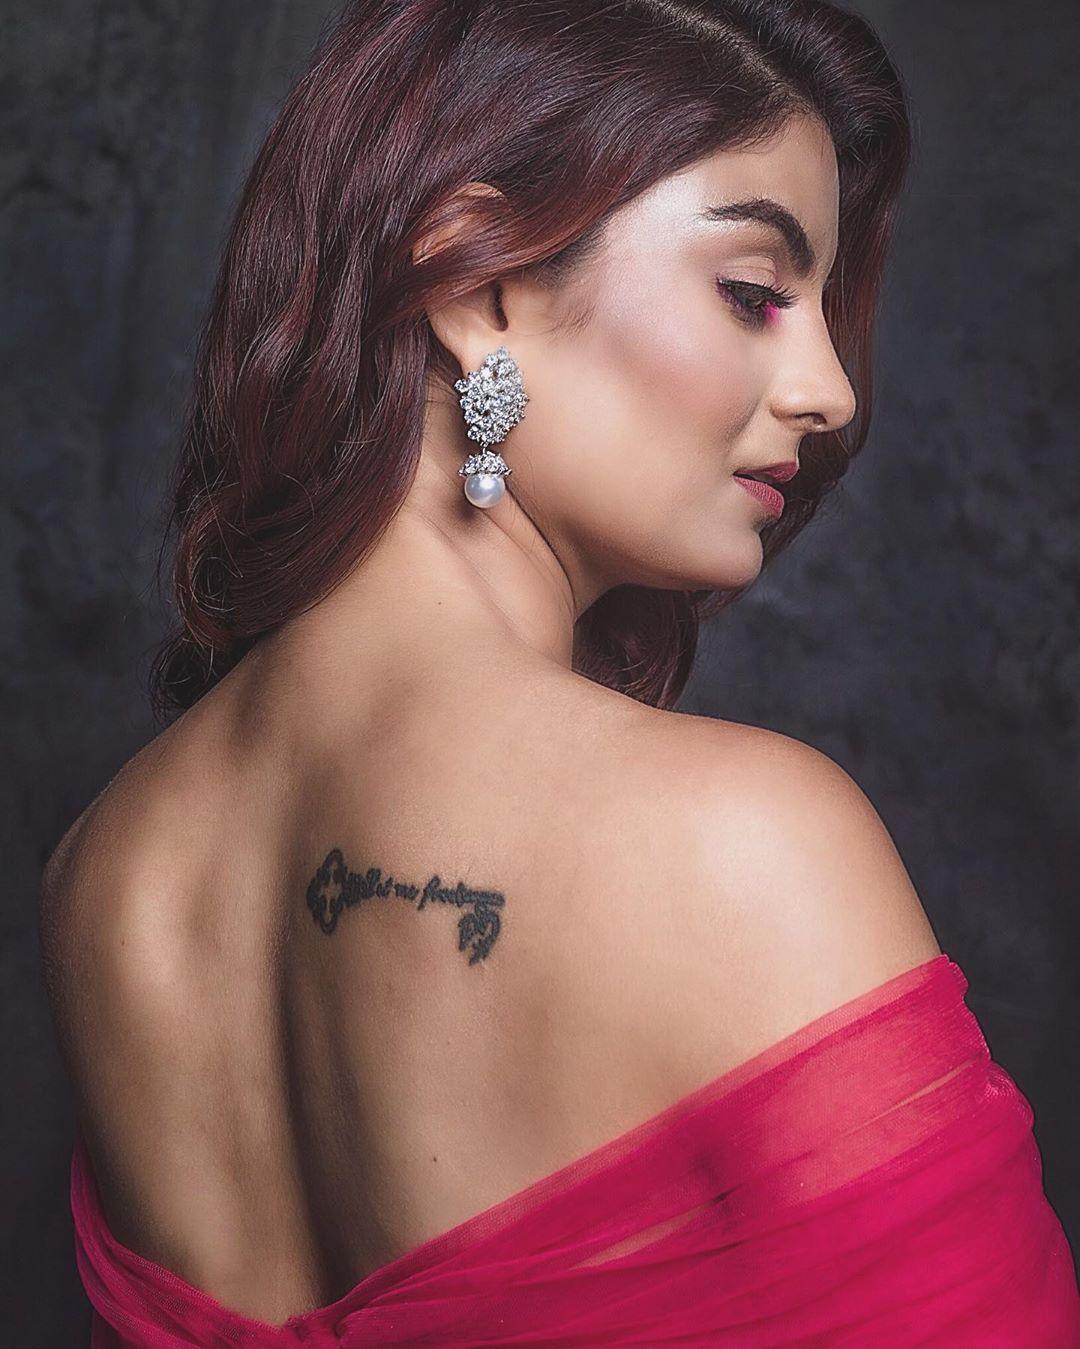 Anveshi jain pic